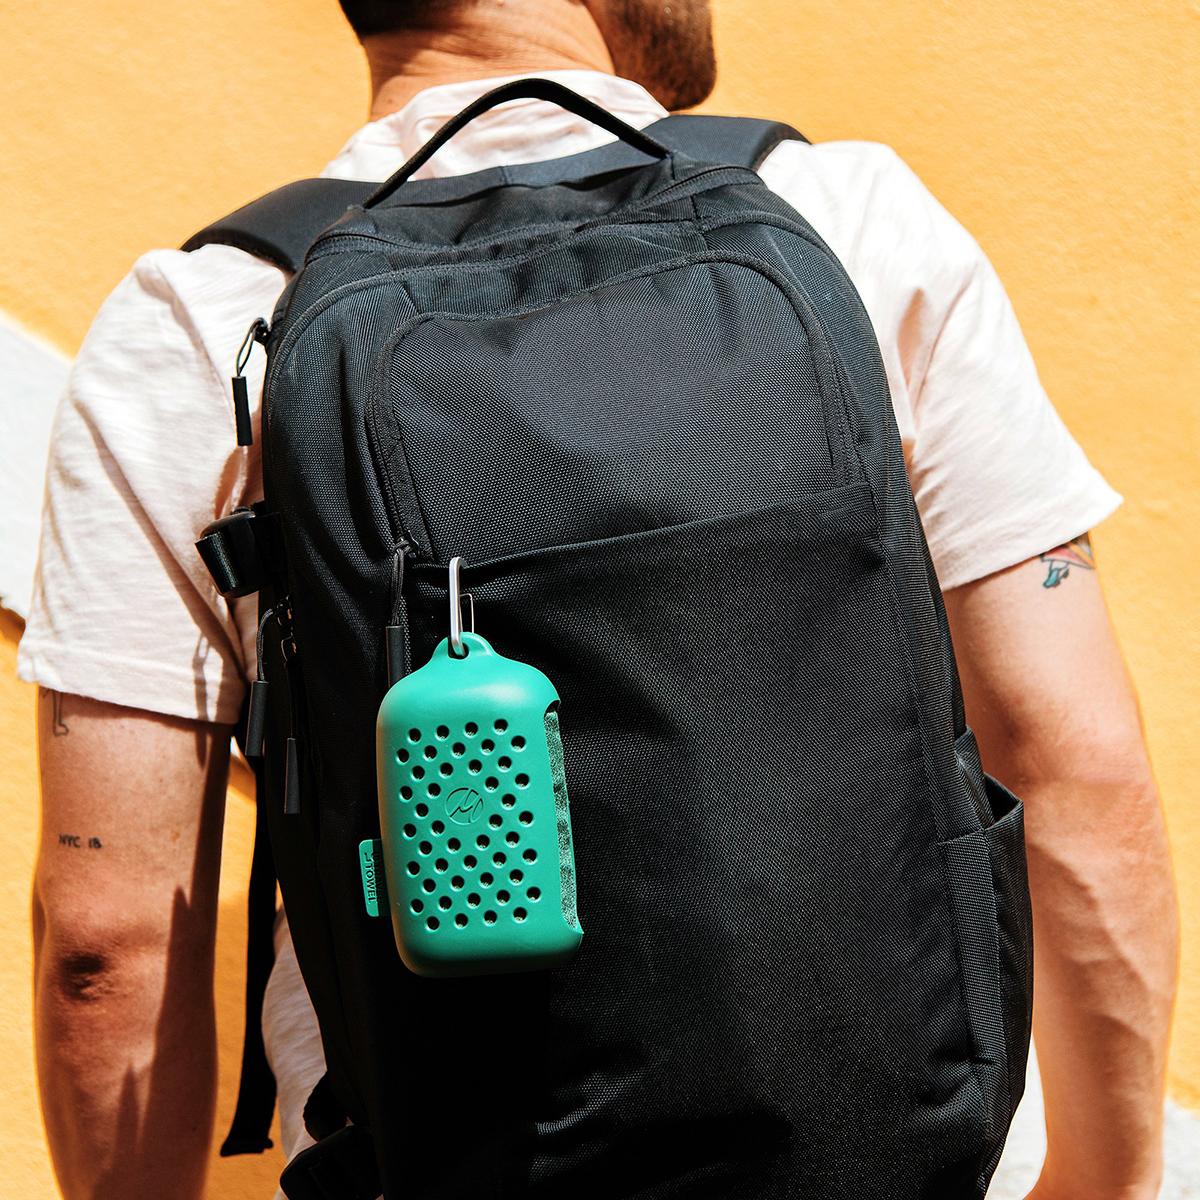 ケース付属のカラビナで吊り下げられるので、濡れたタオルをバッグの中に入れずに持ち運べる「ナノドライタオル」 | Matador NanoDry Shower Towel